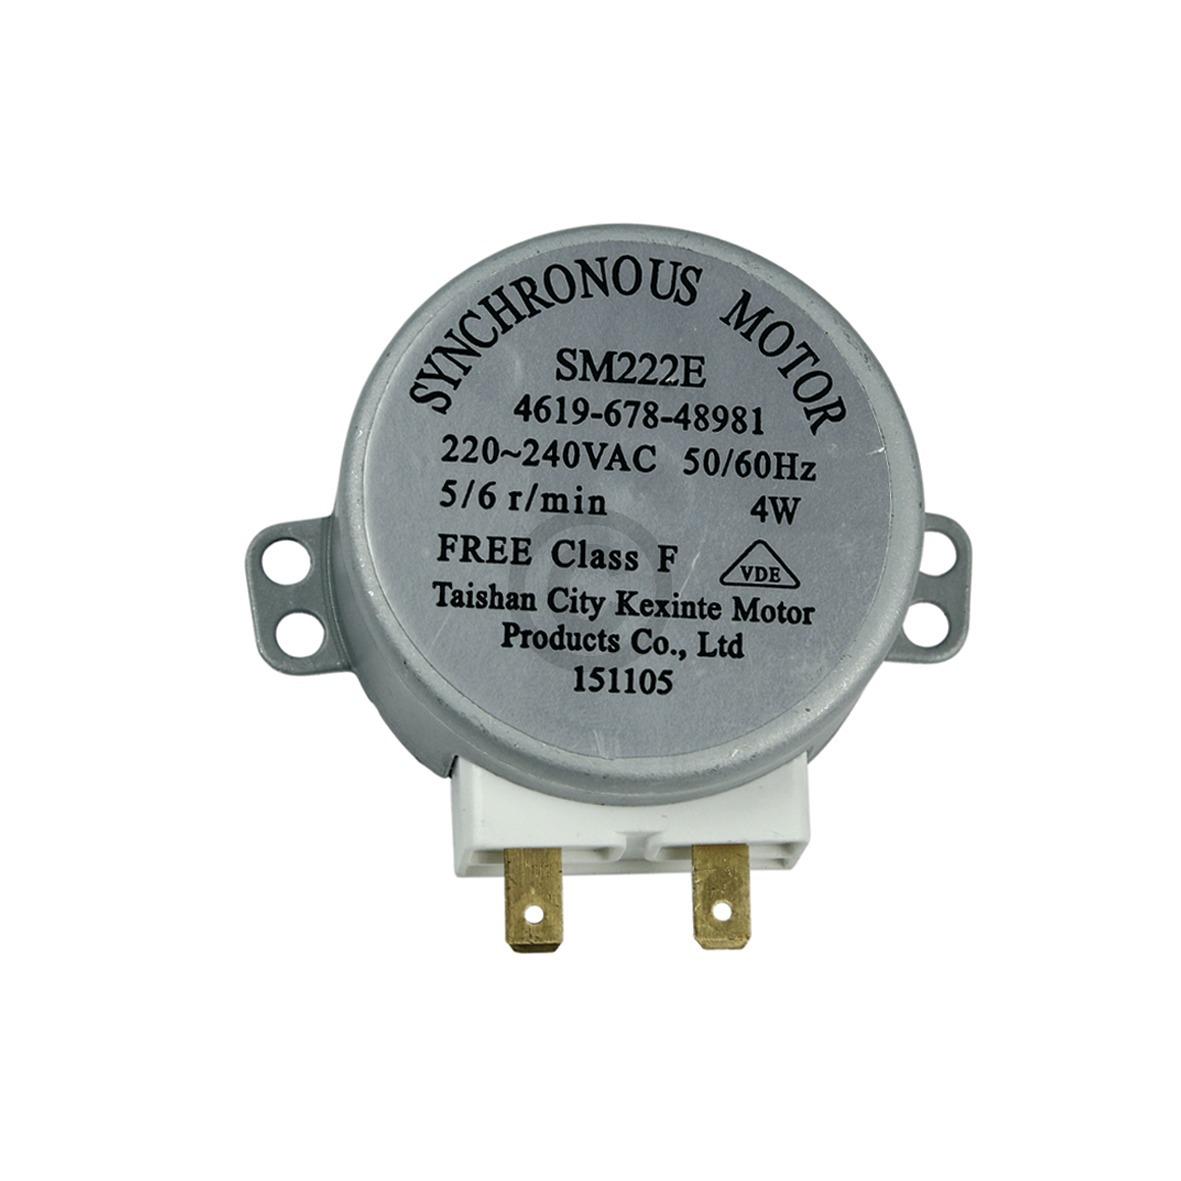 Drehtellermotor 4W 481067848981 Bauknecht, Whirlpool, Ikea, Indesit Hotpoint